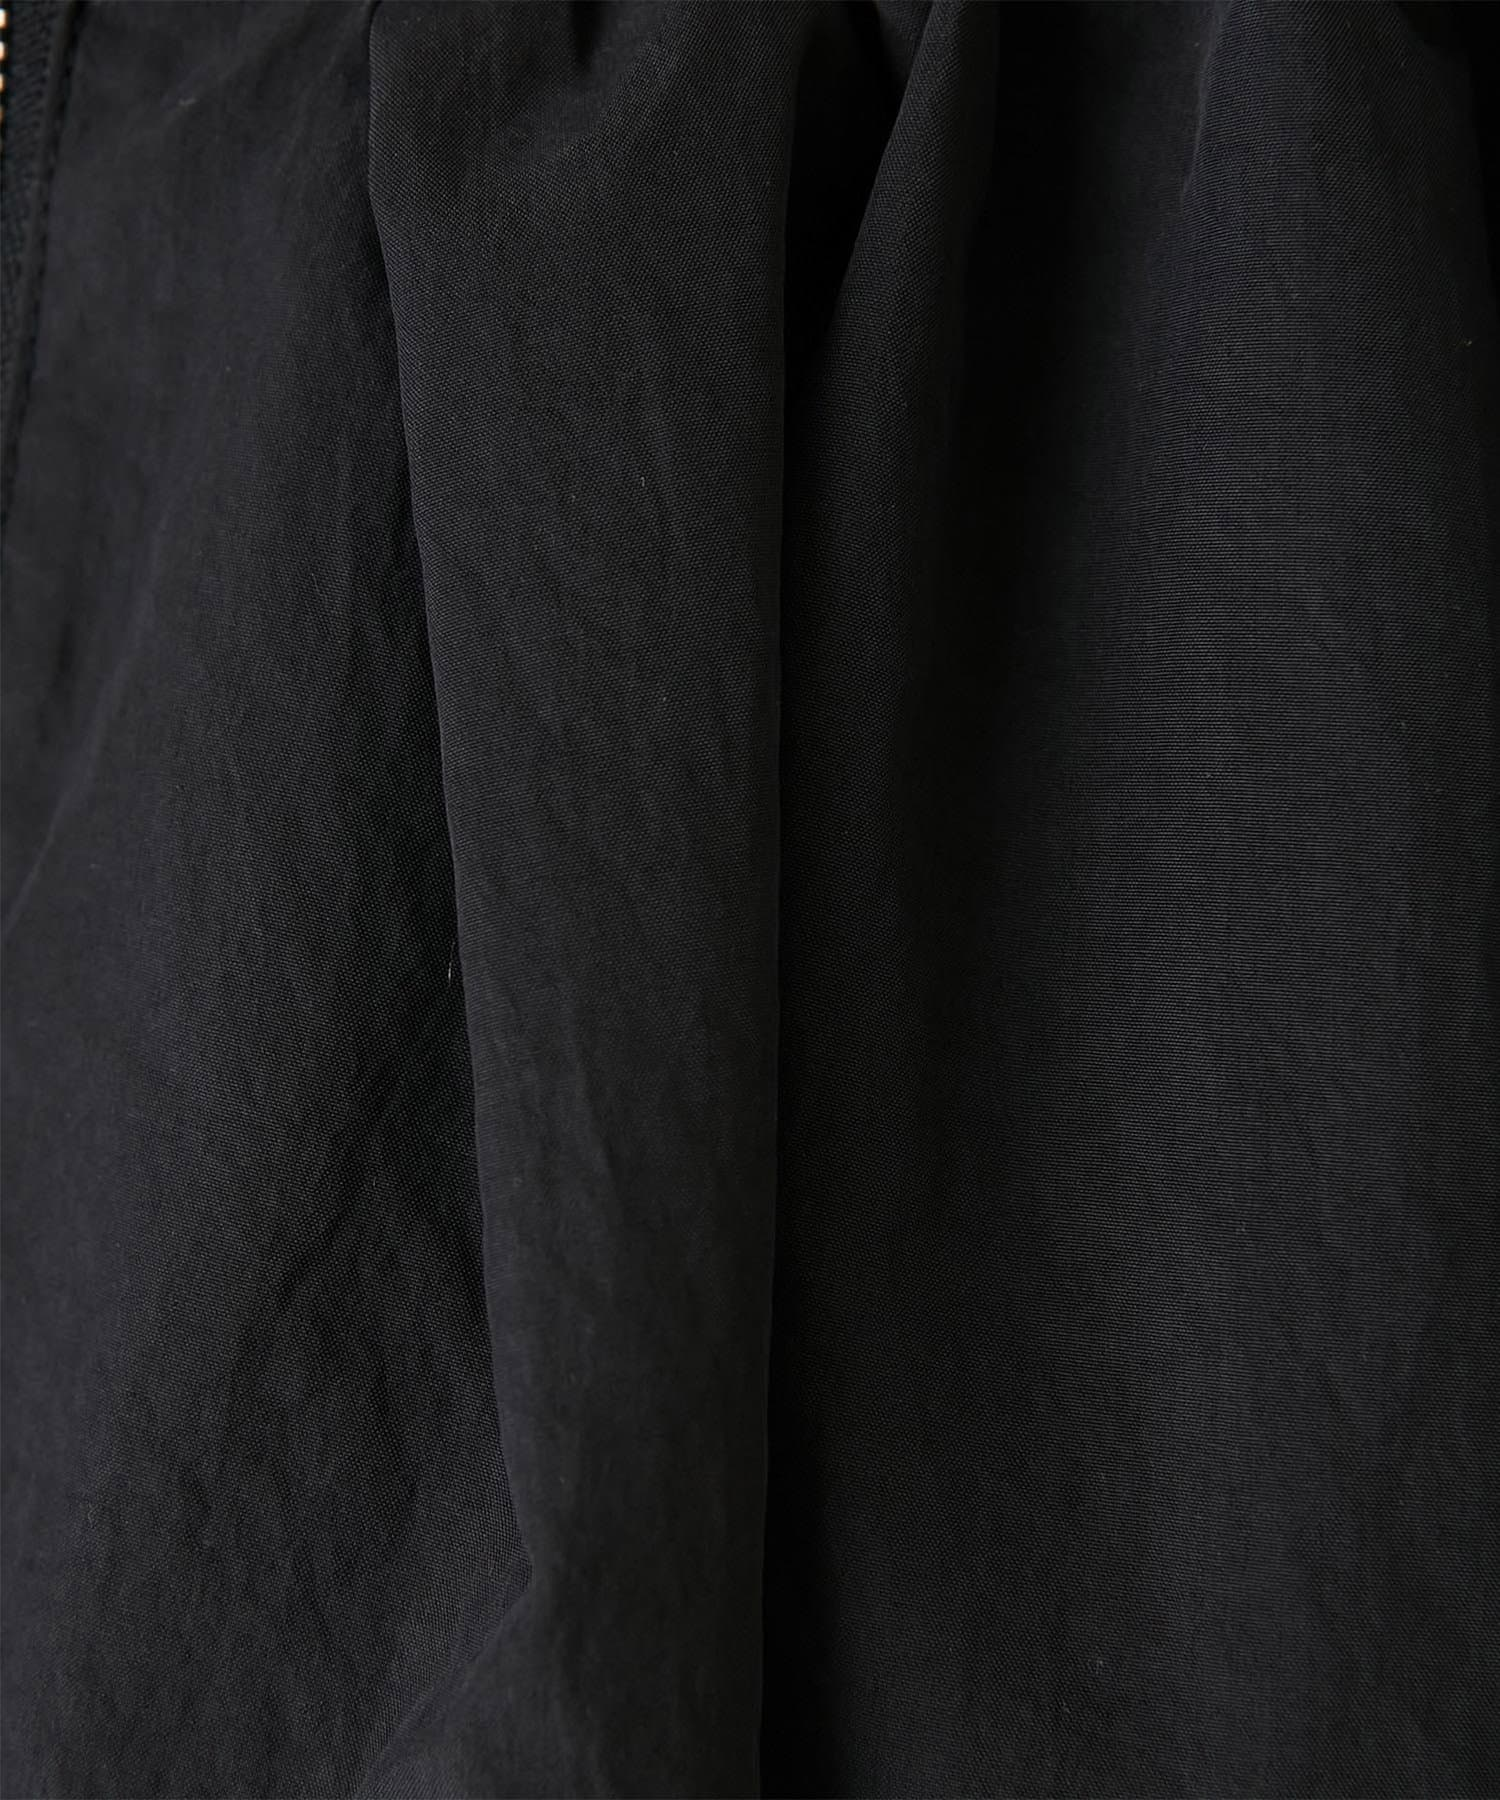 GALLARDAGALANTE(ガリャルダガランテ) ギャザーライトブルゾン【オンラインストア限定商品】